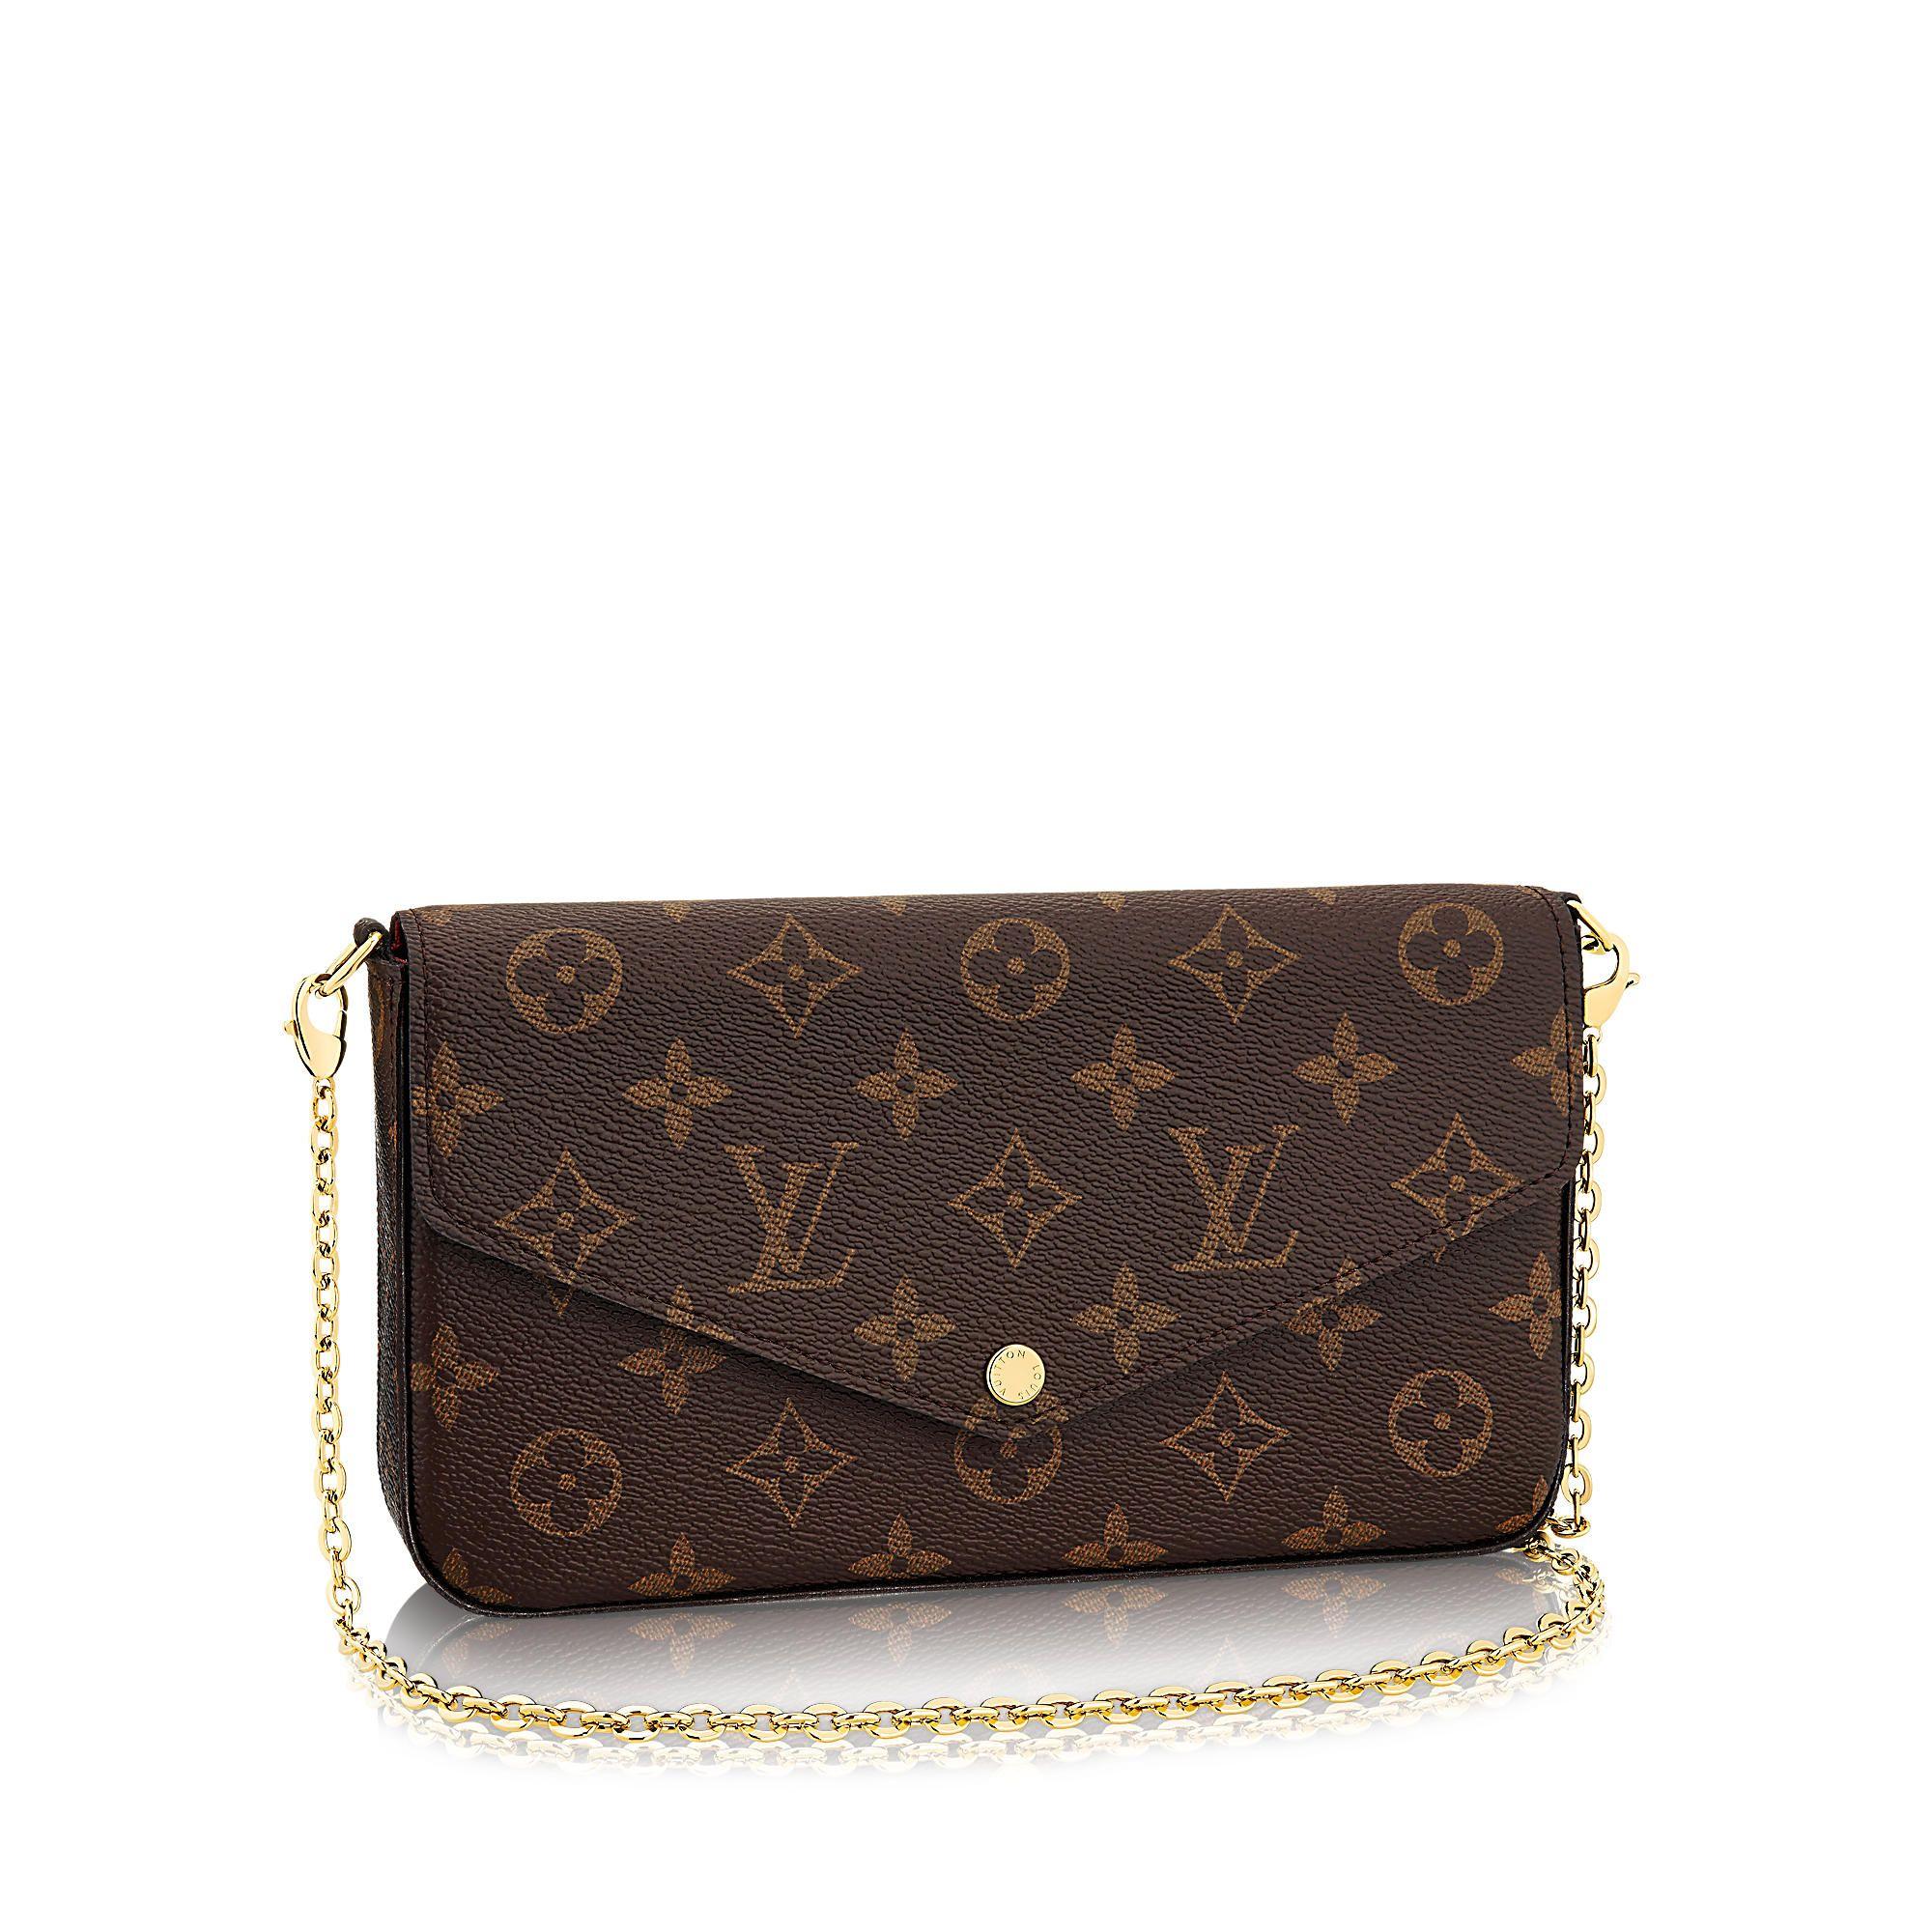 5187e5952814 Discover Louis Vuitton Pochette Felicie via Louis Vuitton